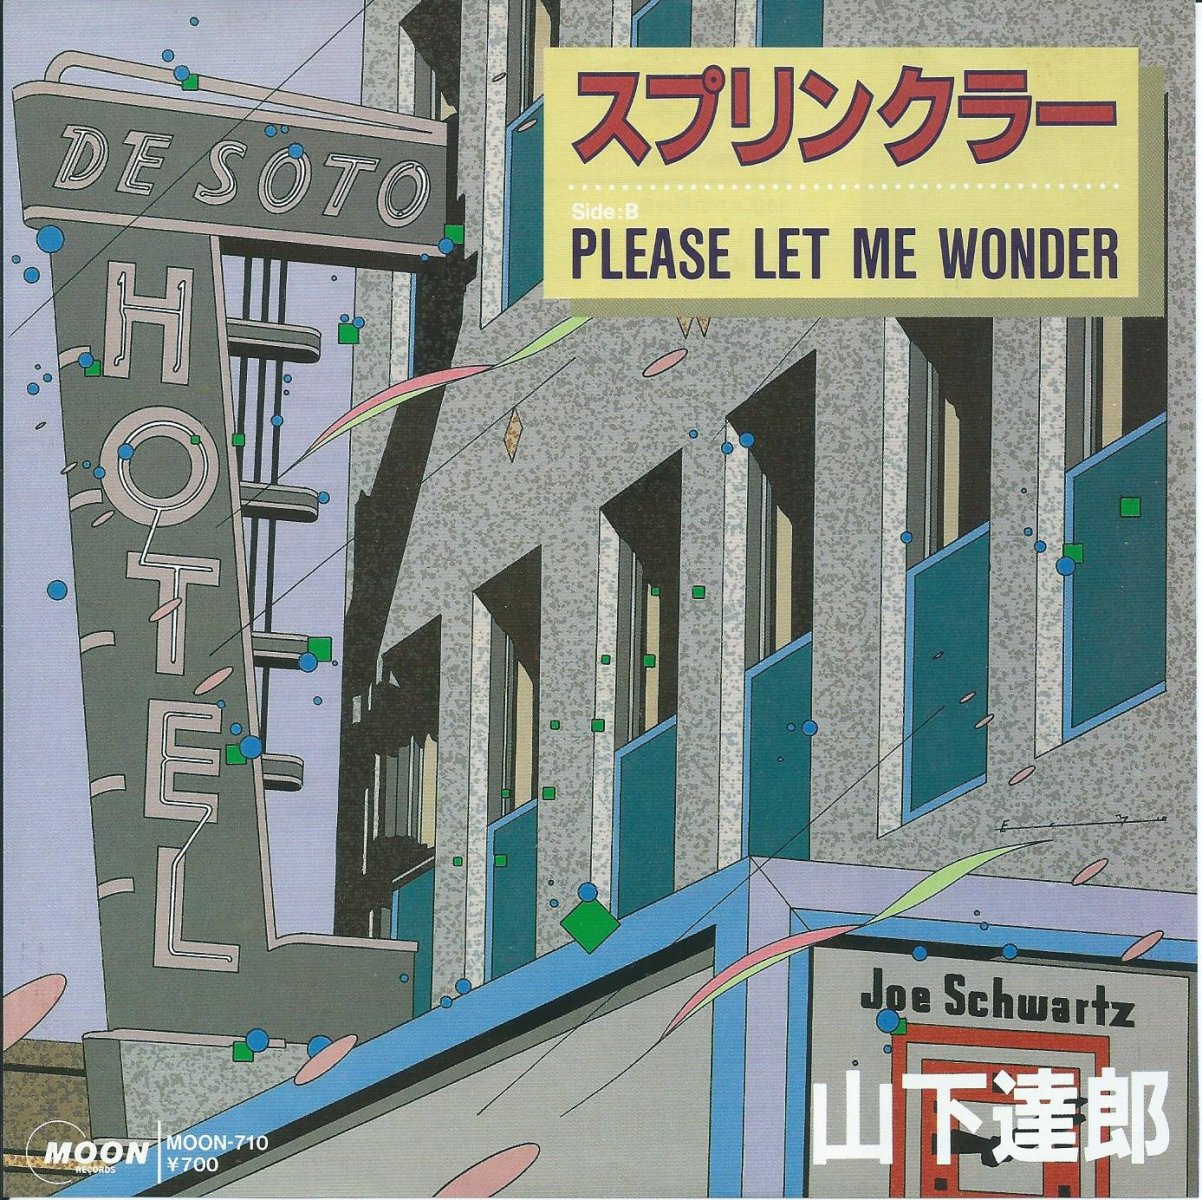 山下達郎 TATSURO YAMASHITA / スプリンクラー / PLEASE LET ME WONDER (7